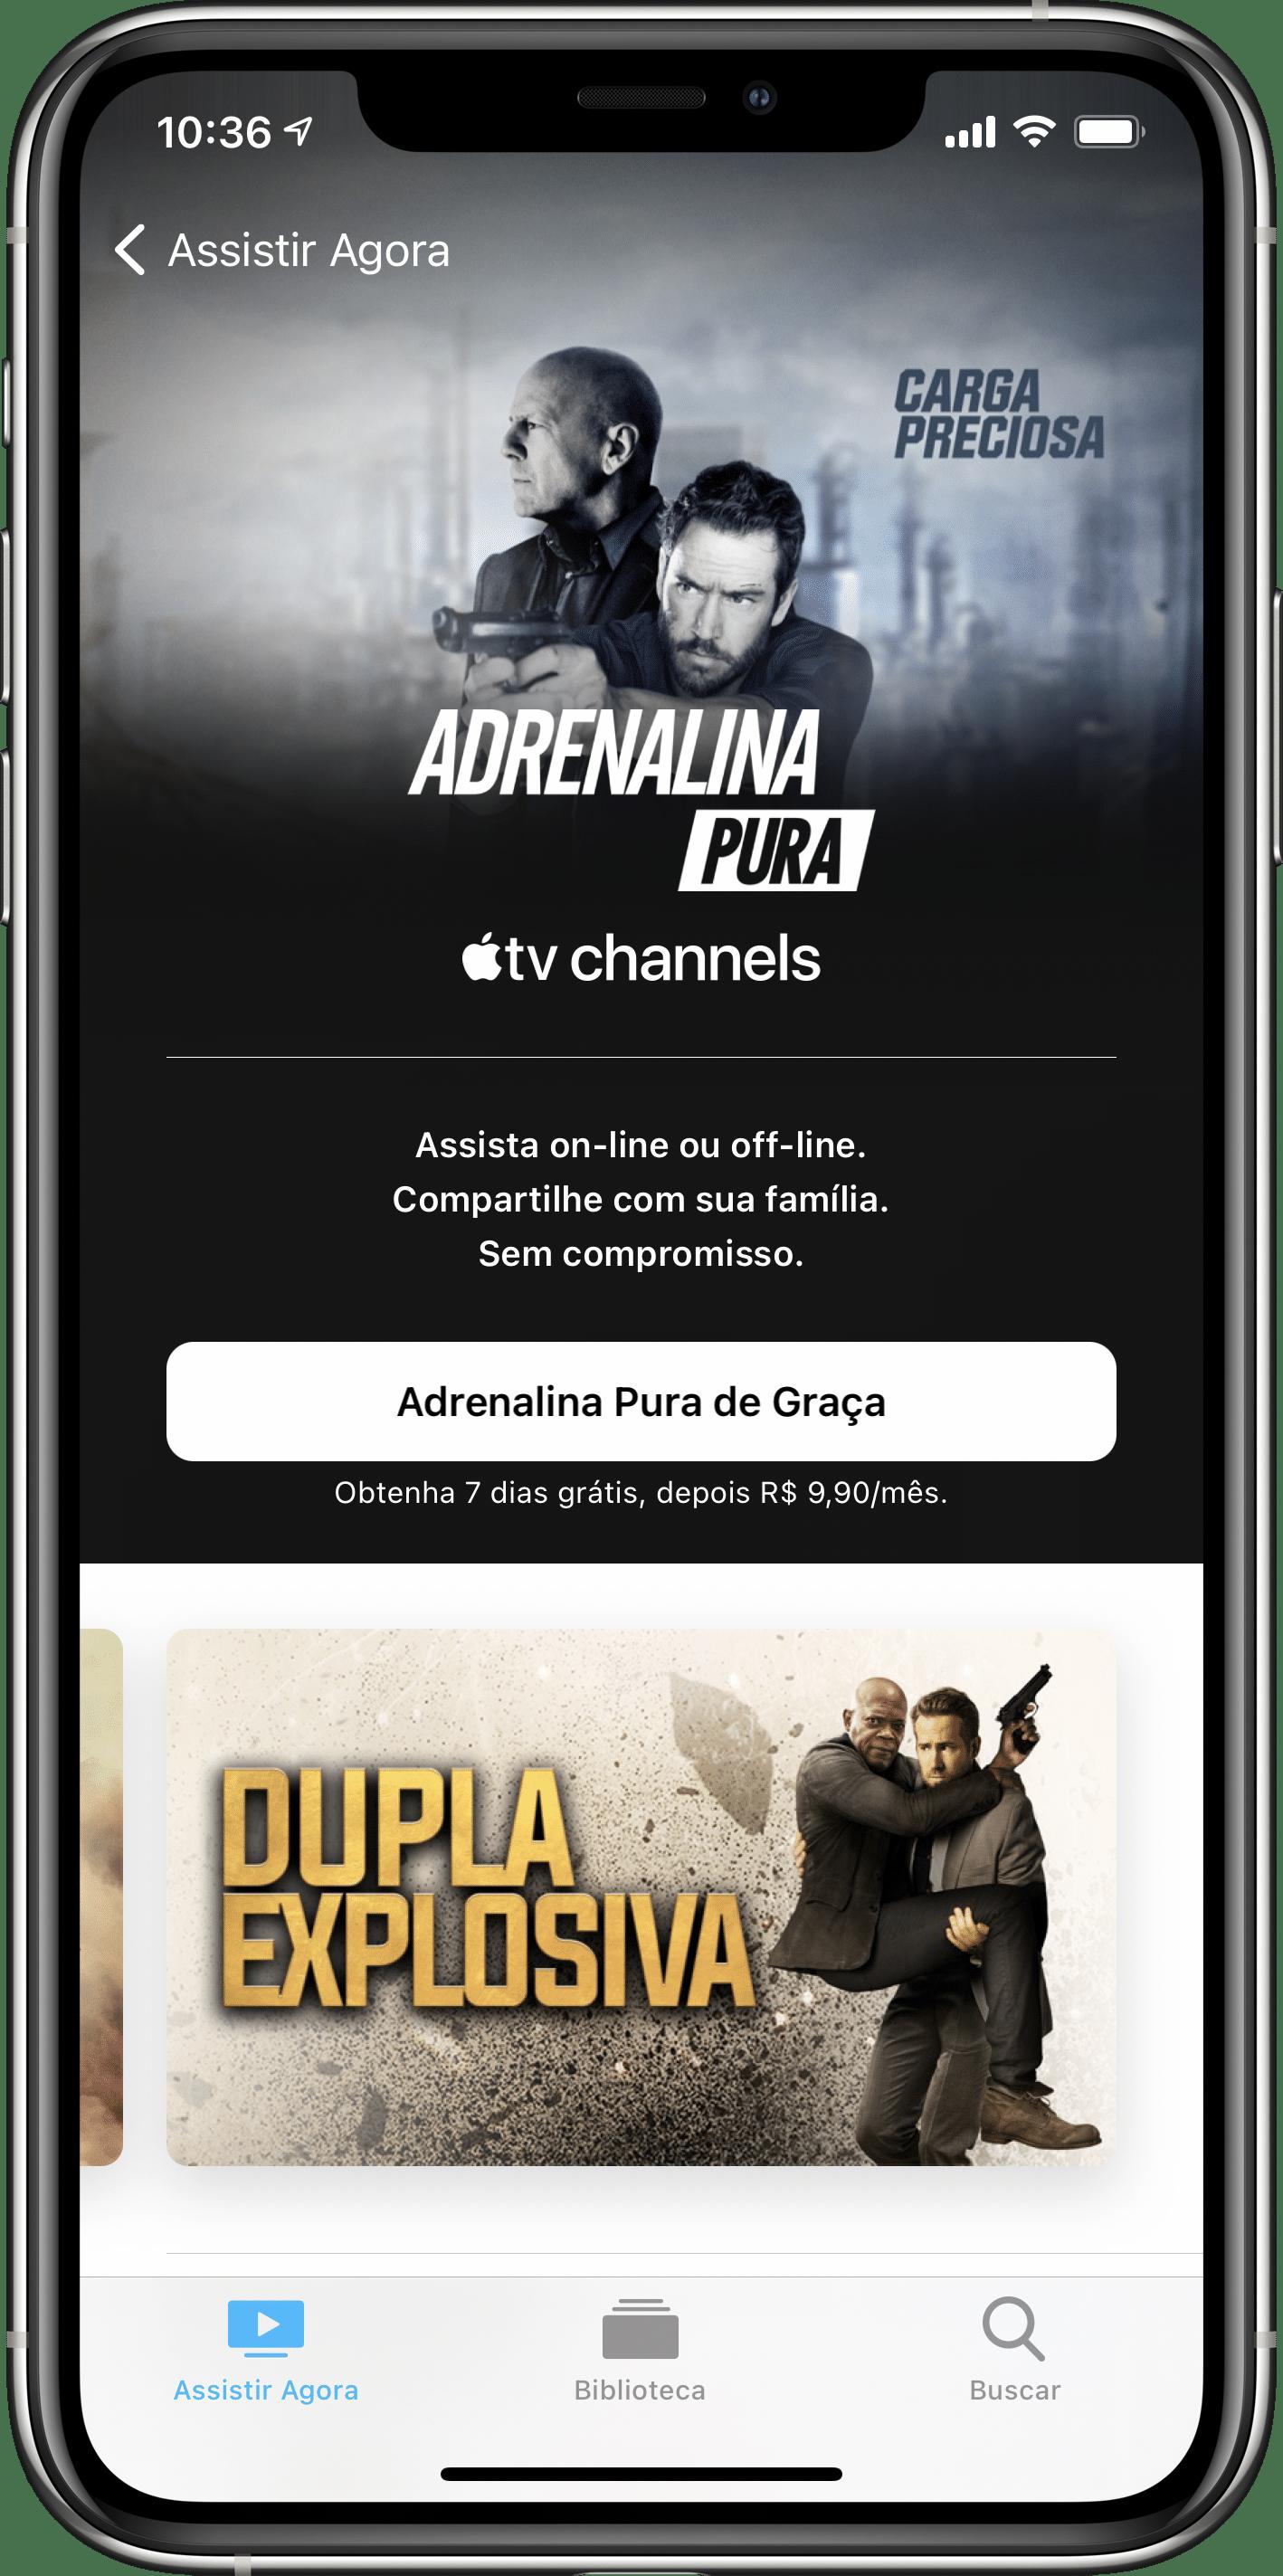 Adrenalina Pura nos canais da Apple TV